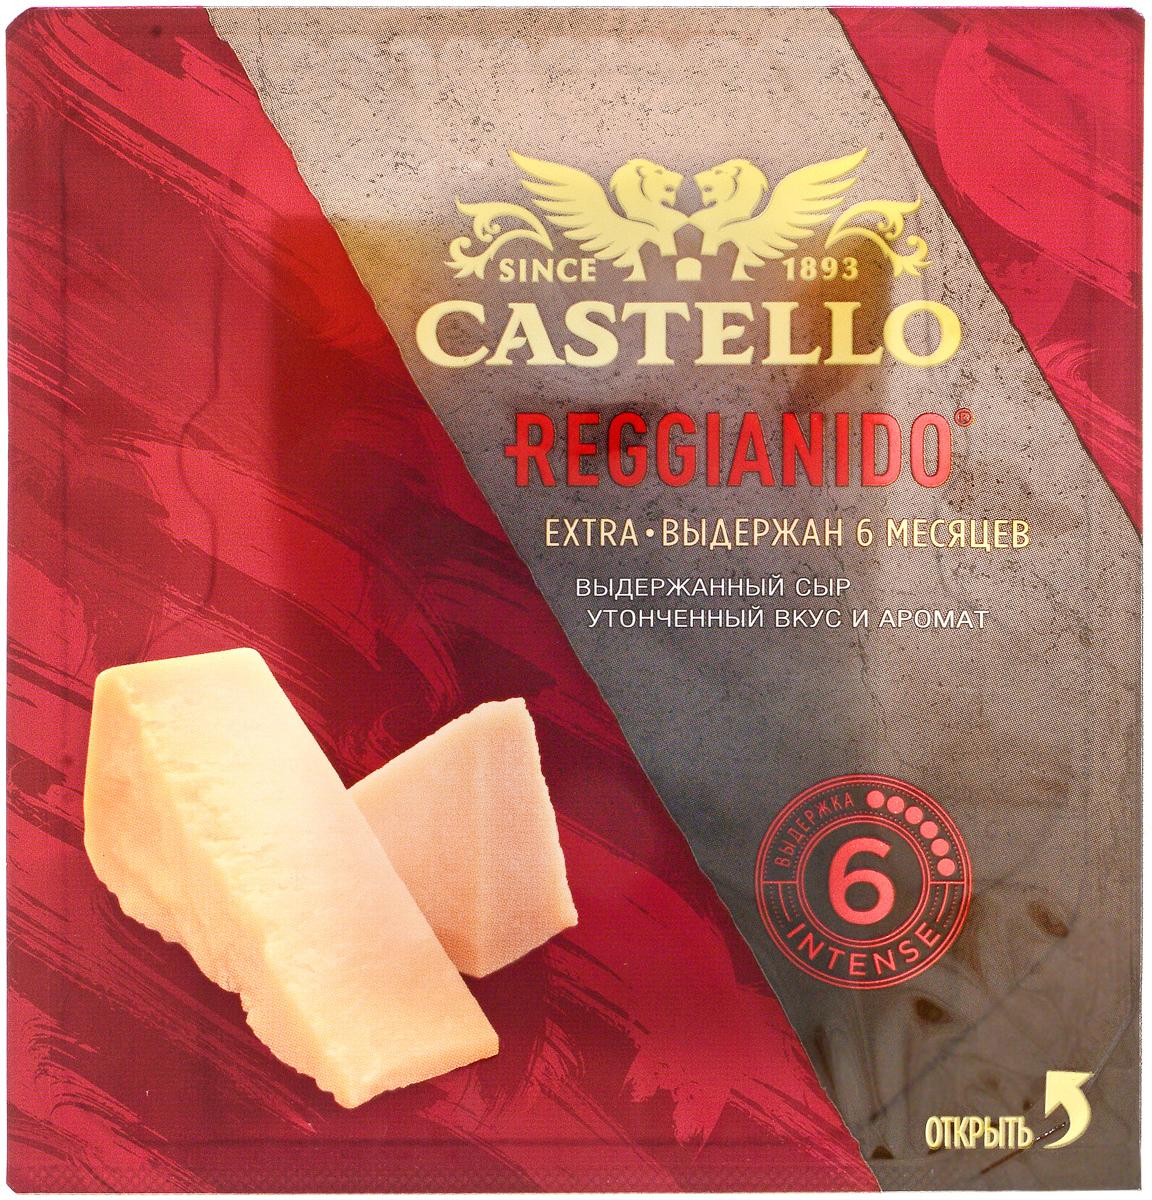 Castello Reggianido Сыр Пармезан выдержка 6 мес, 33%, 150 г